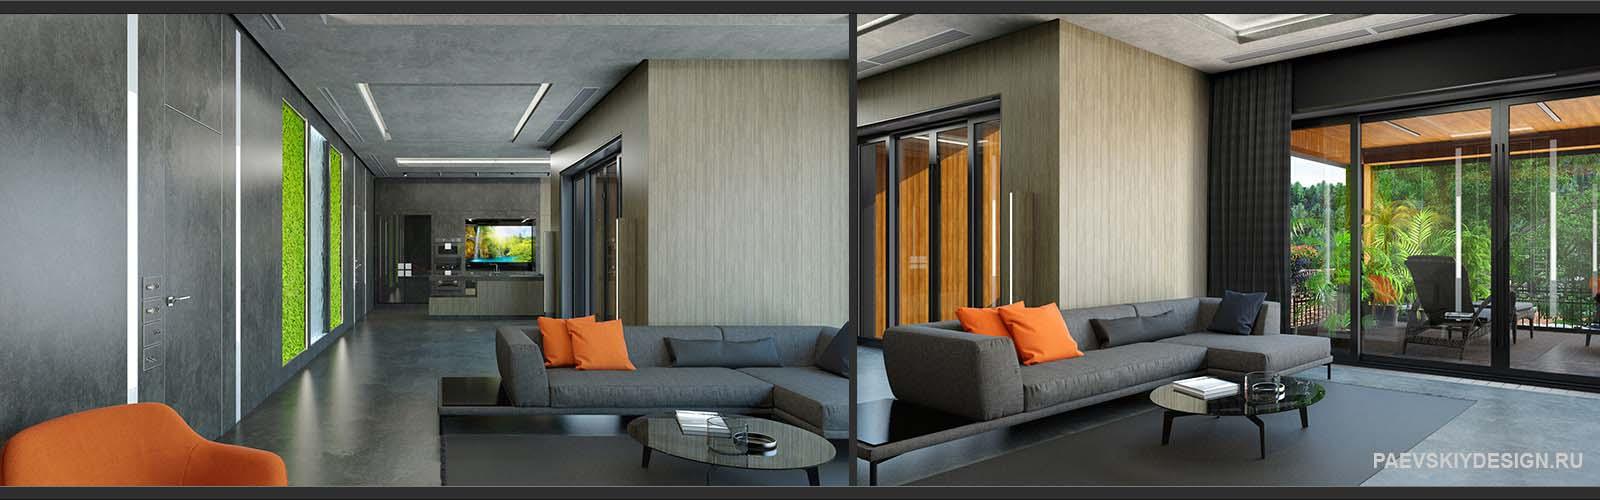 Дизайнерские проекты квартир, домов, коттеджей, таунхаусов